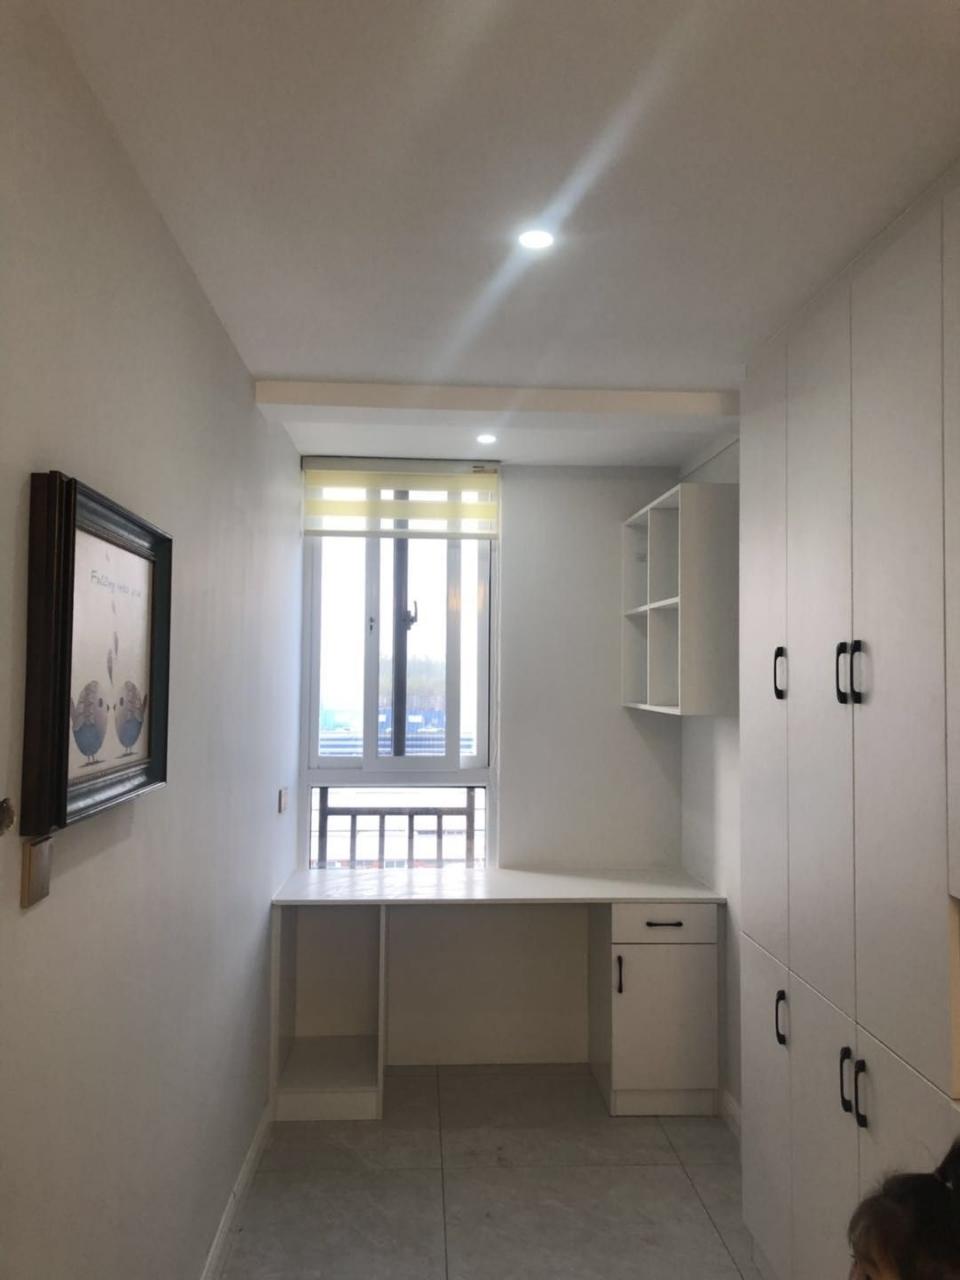 西地亚.巴黎春天3室 2厅 2卫56万元